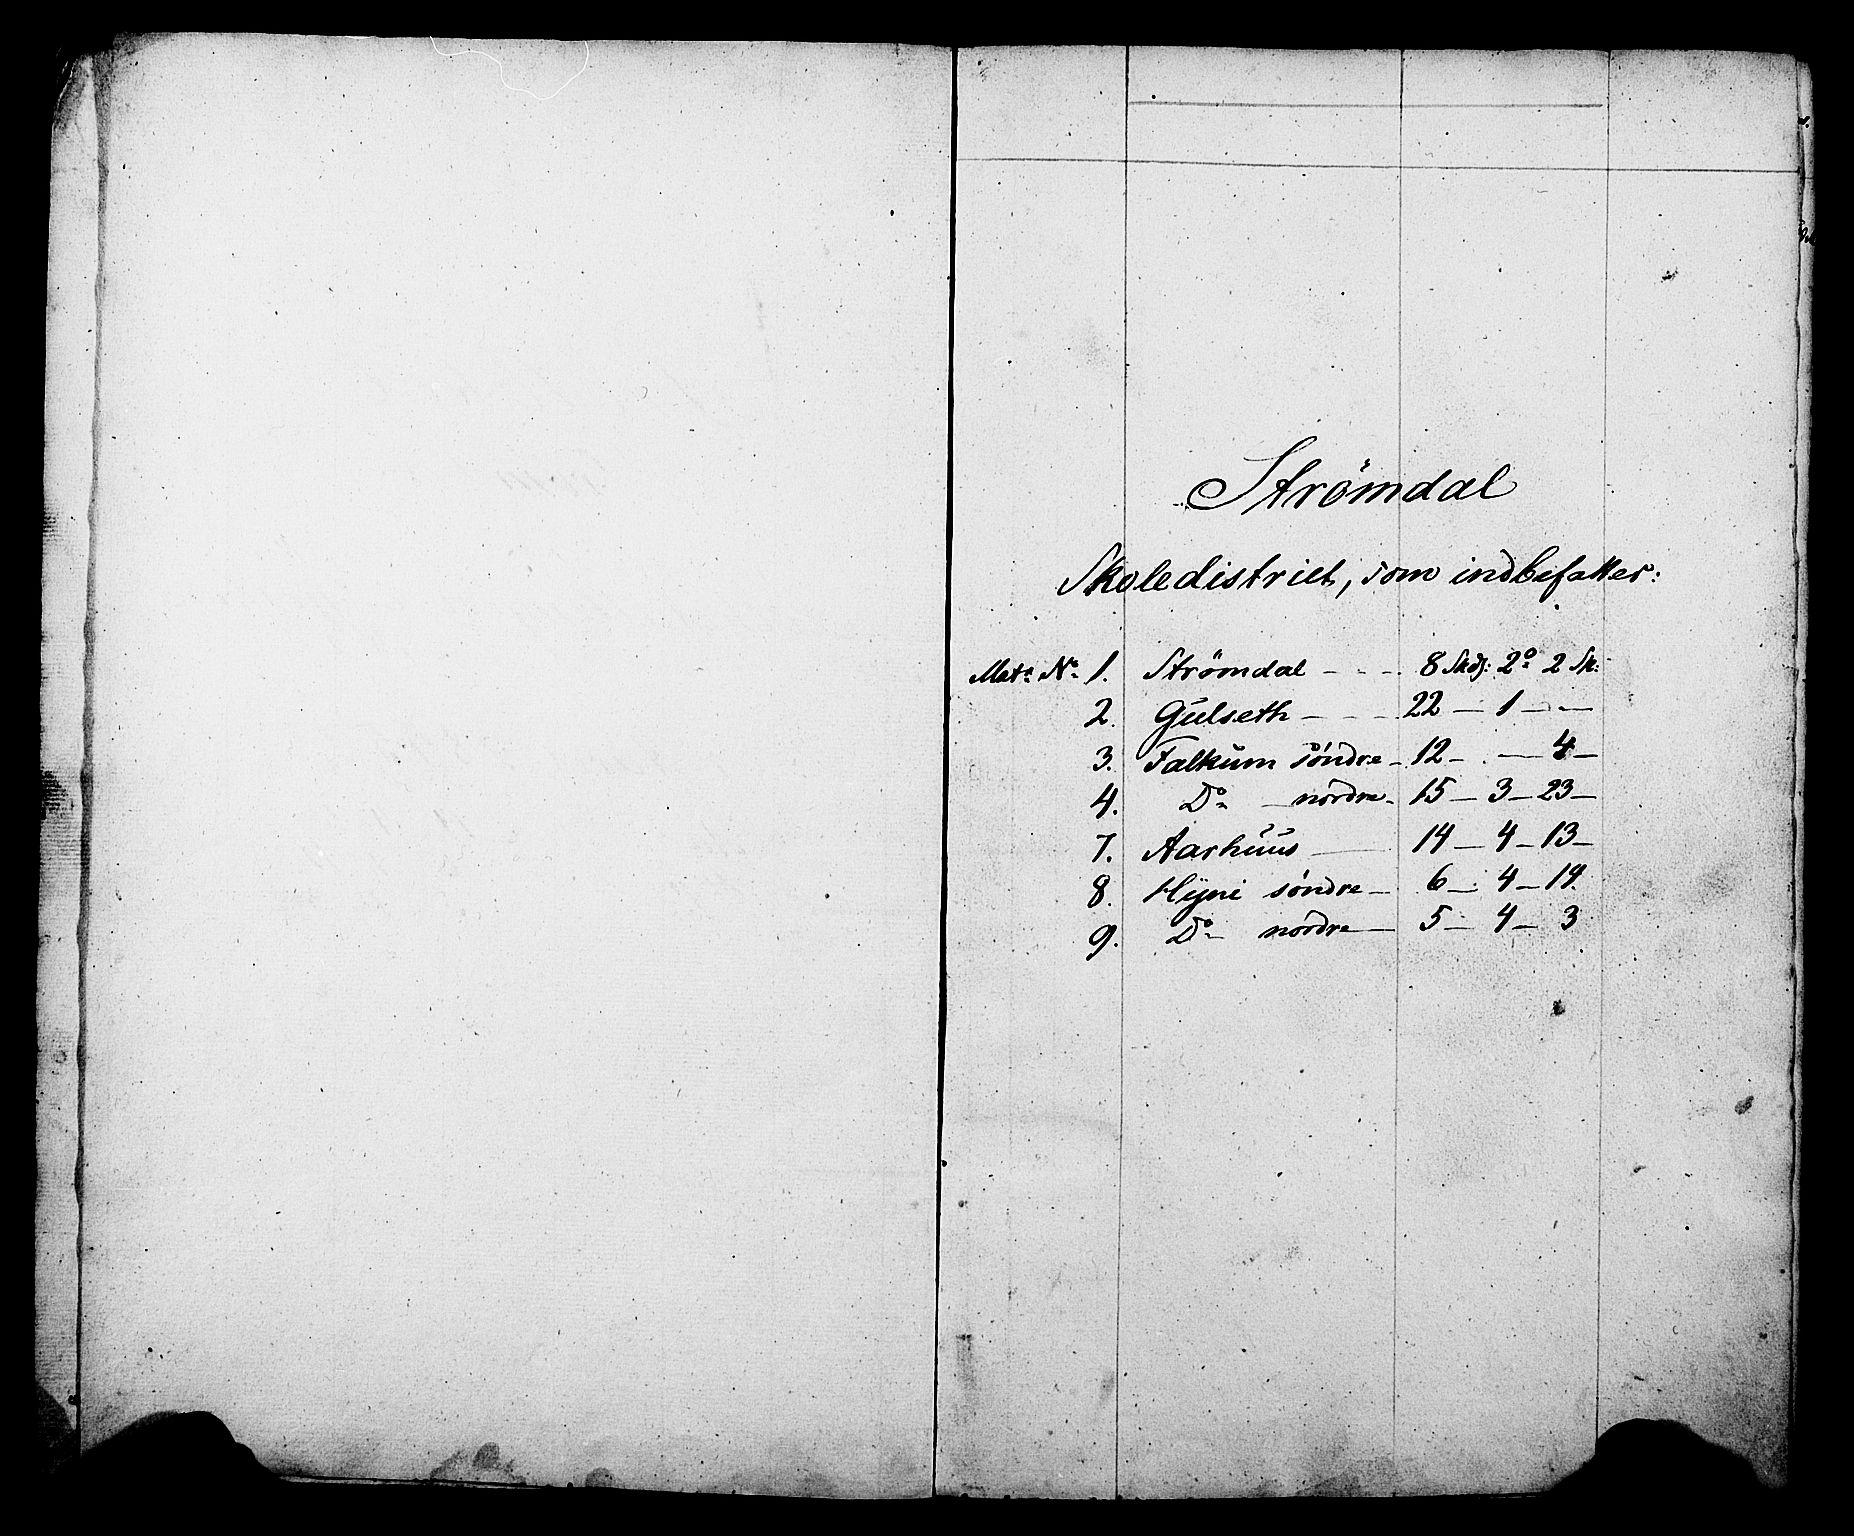 Census 1845 for Gjerpen, 1845